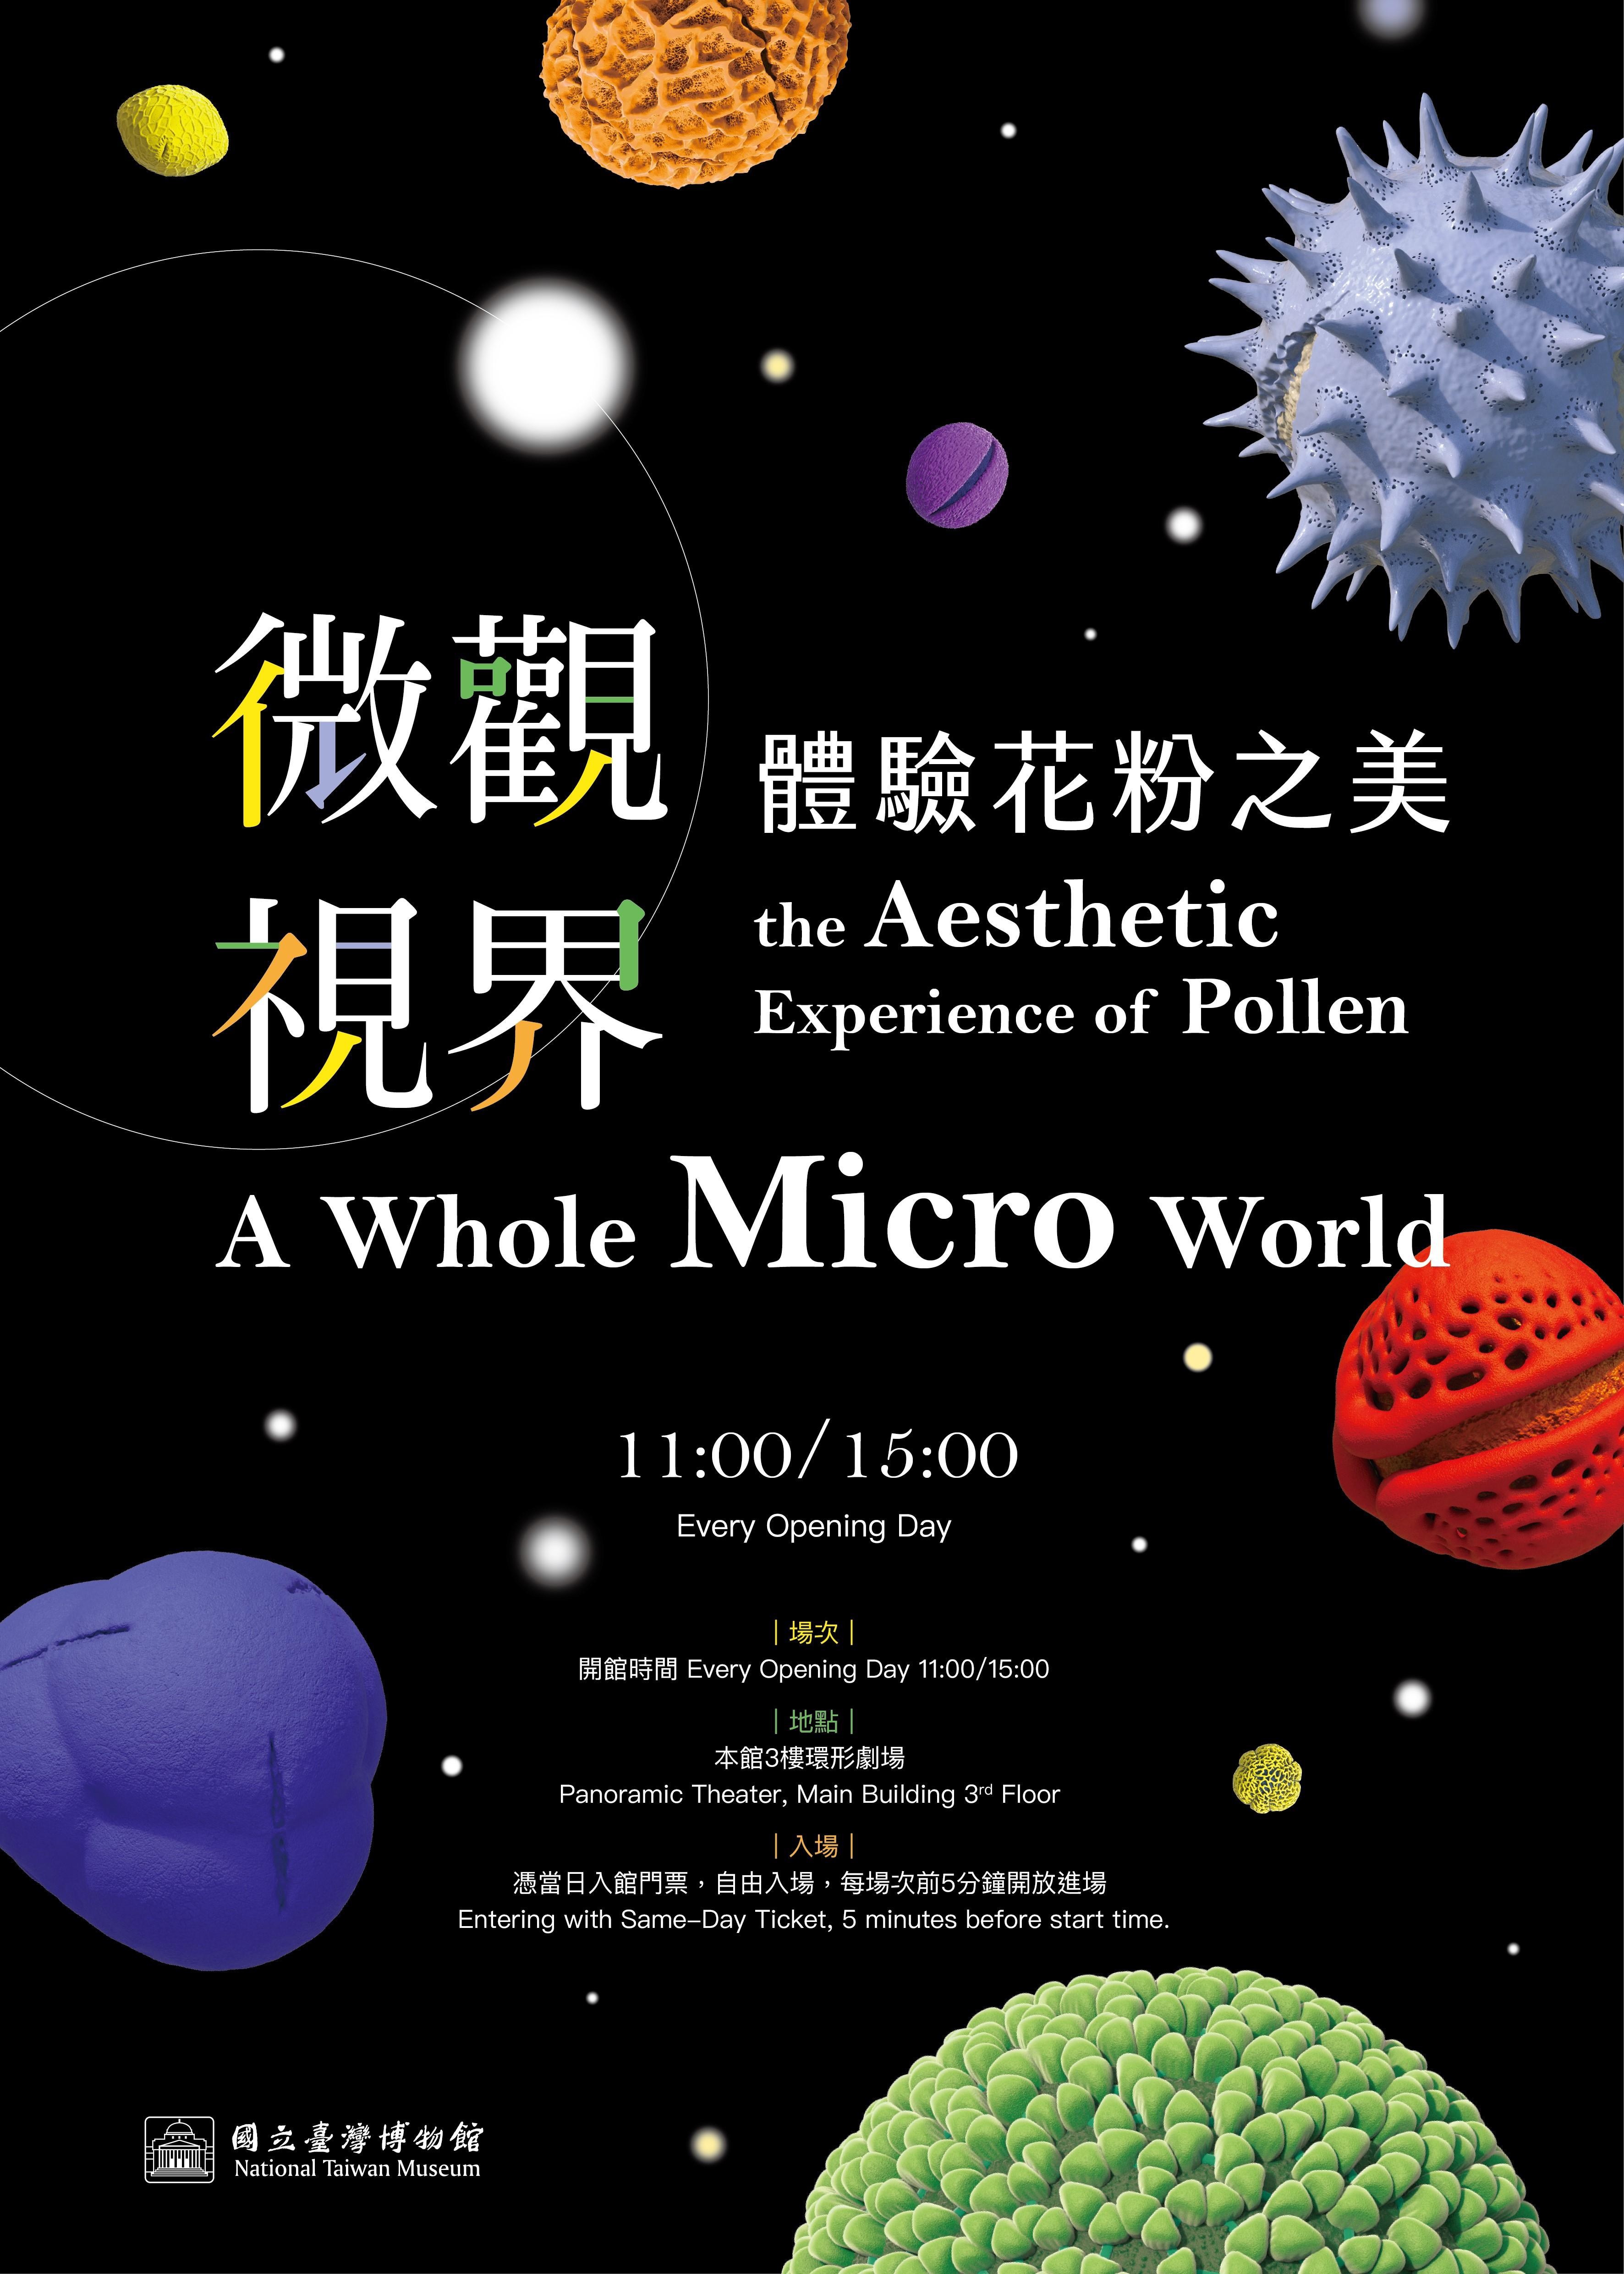 【微觀視界】微觀花粉3D立體模型動畫影片-(即日起暫停開放)